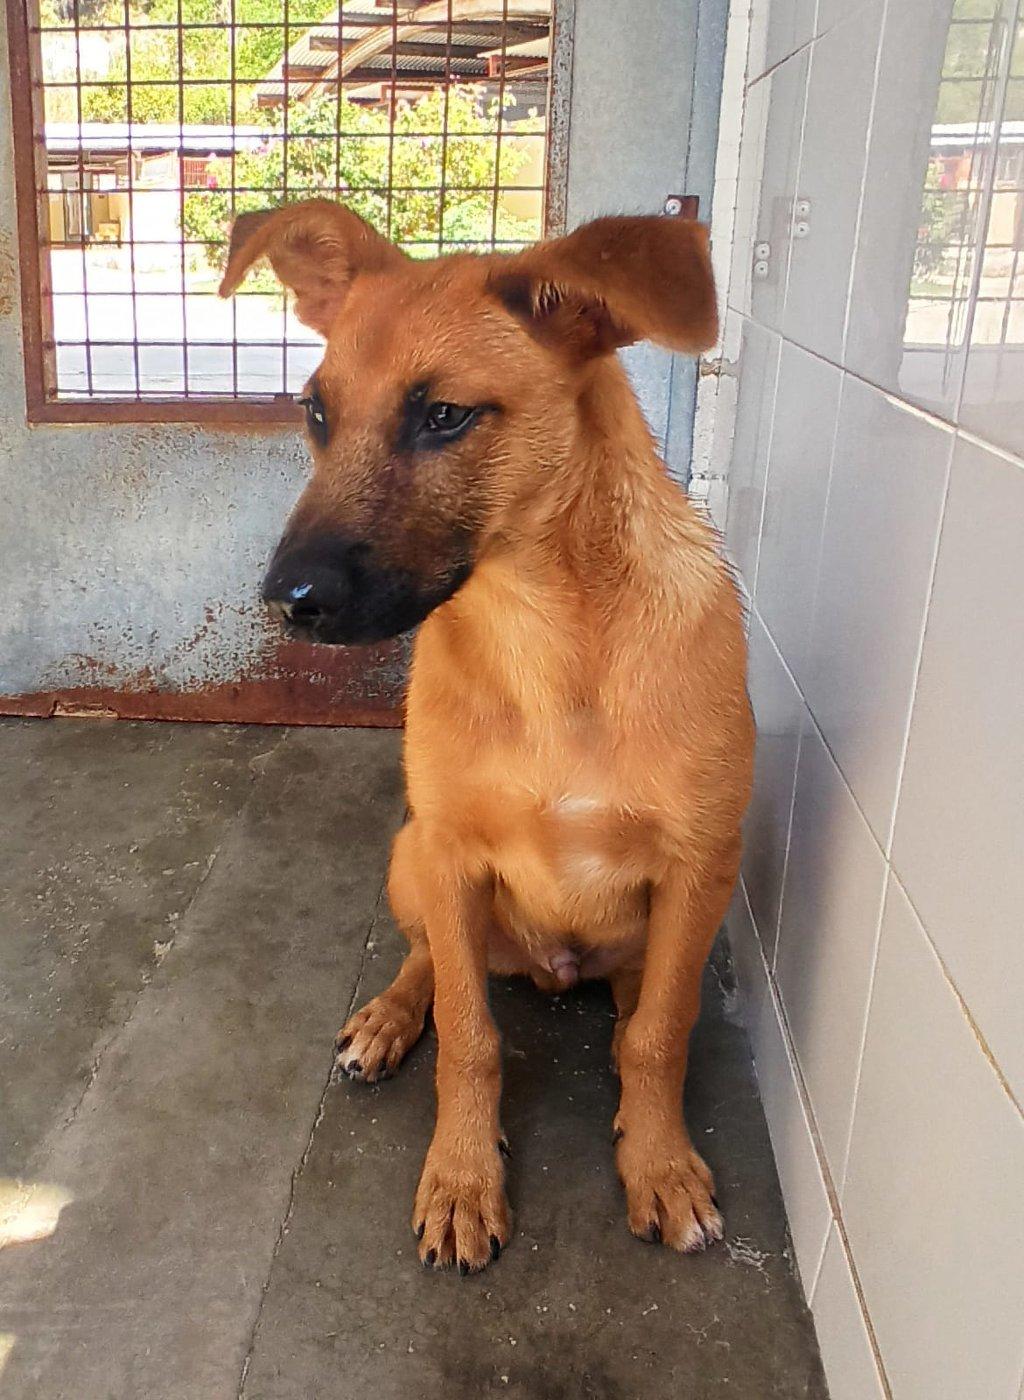 Bildertagebuch - DUMBO, noch kleiner Hundemann mit noch großen Ohren... RESERVIERT 39051937qe